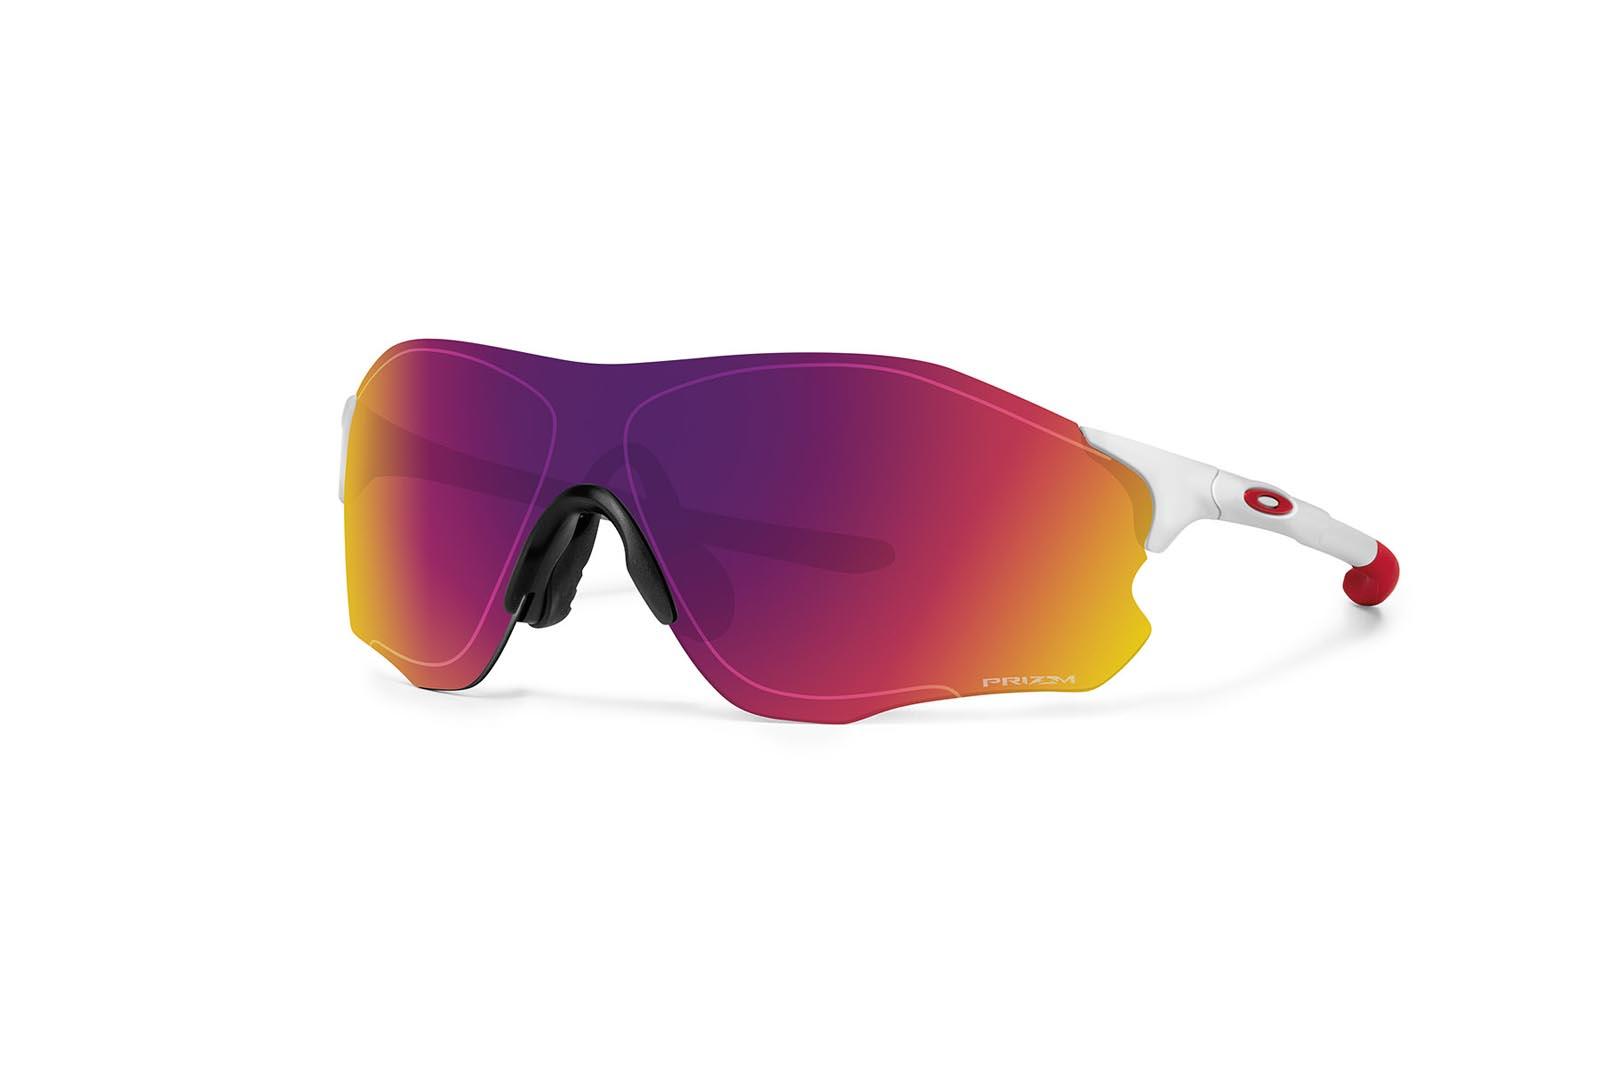 Oakley: Optika za sport